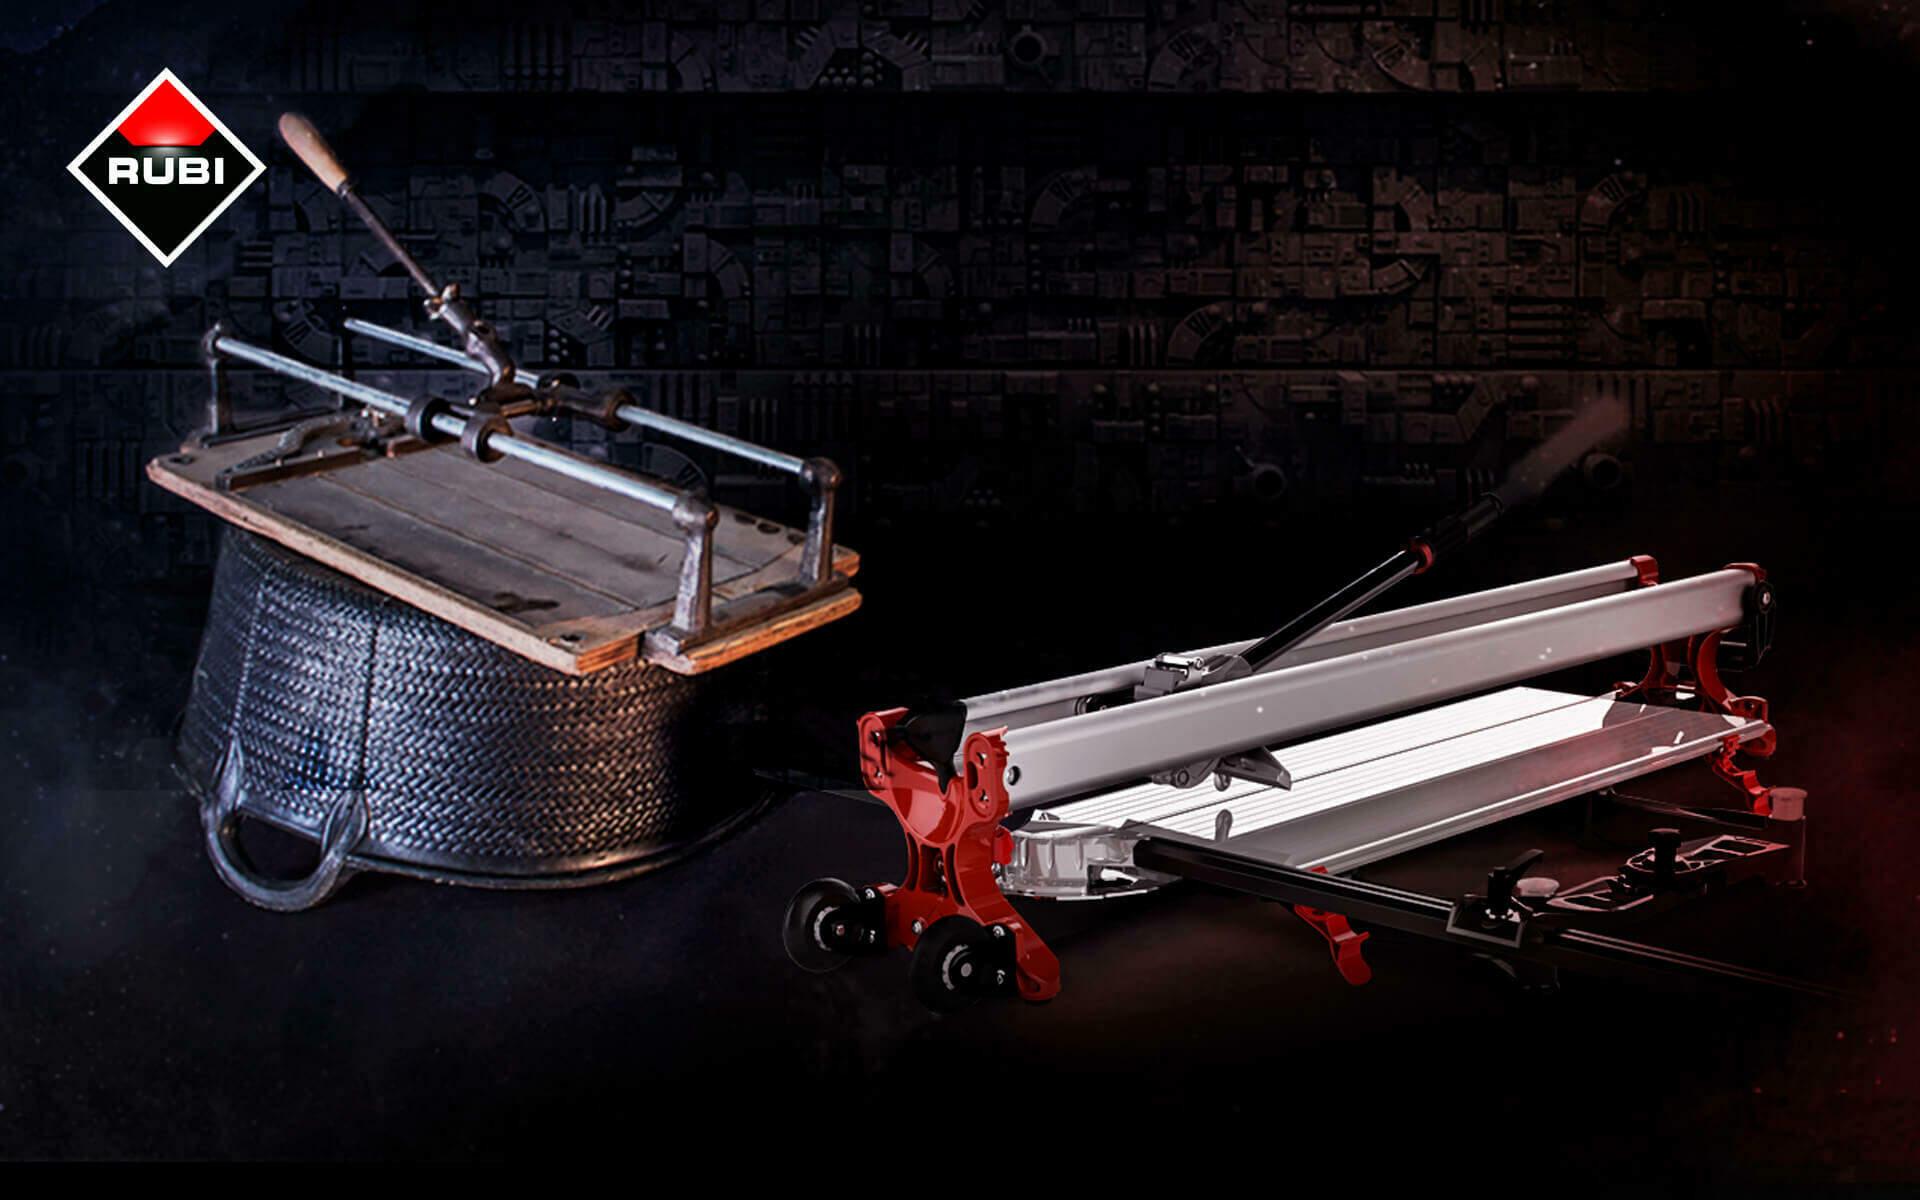 RUBI is de uitvinder van de eerste tegelsnijder voor het snijden en breken van mozaïek en tegels, en nu het wereldmerk in de tegelmarkt.